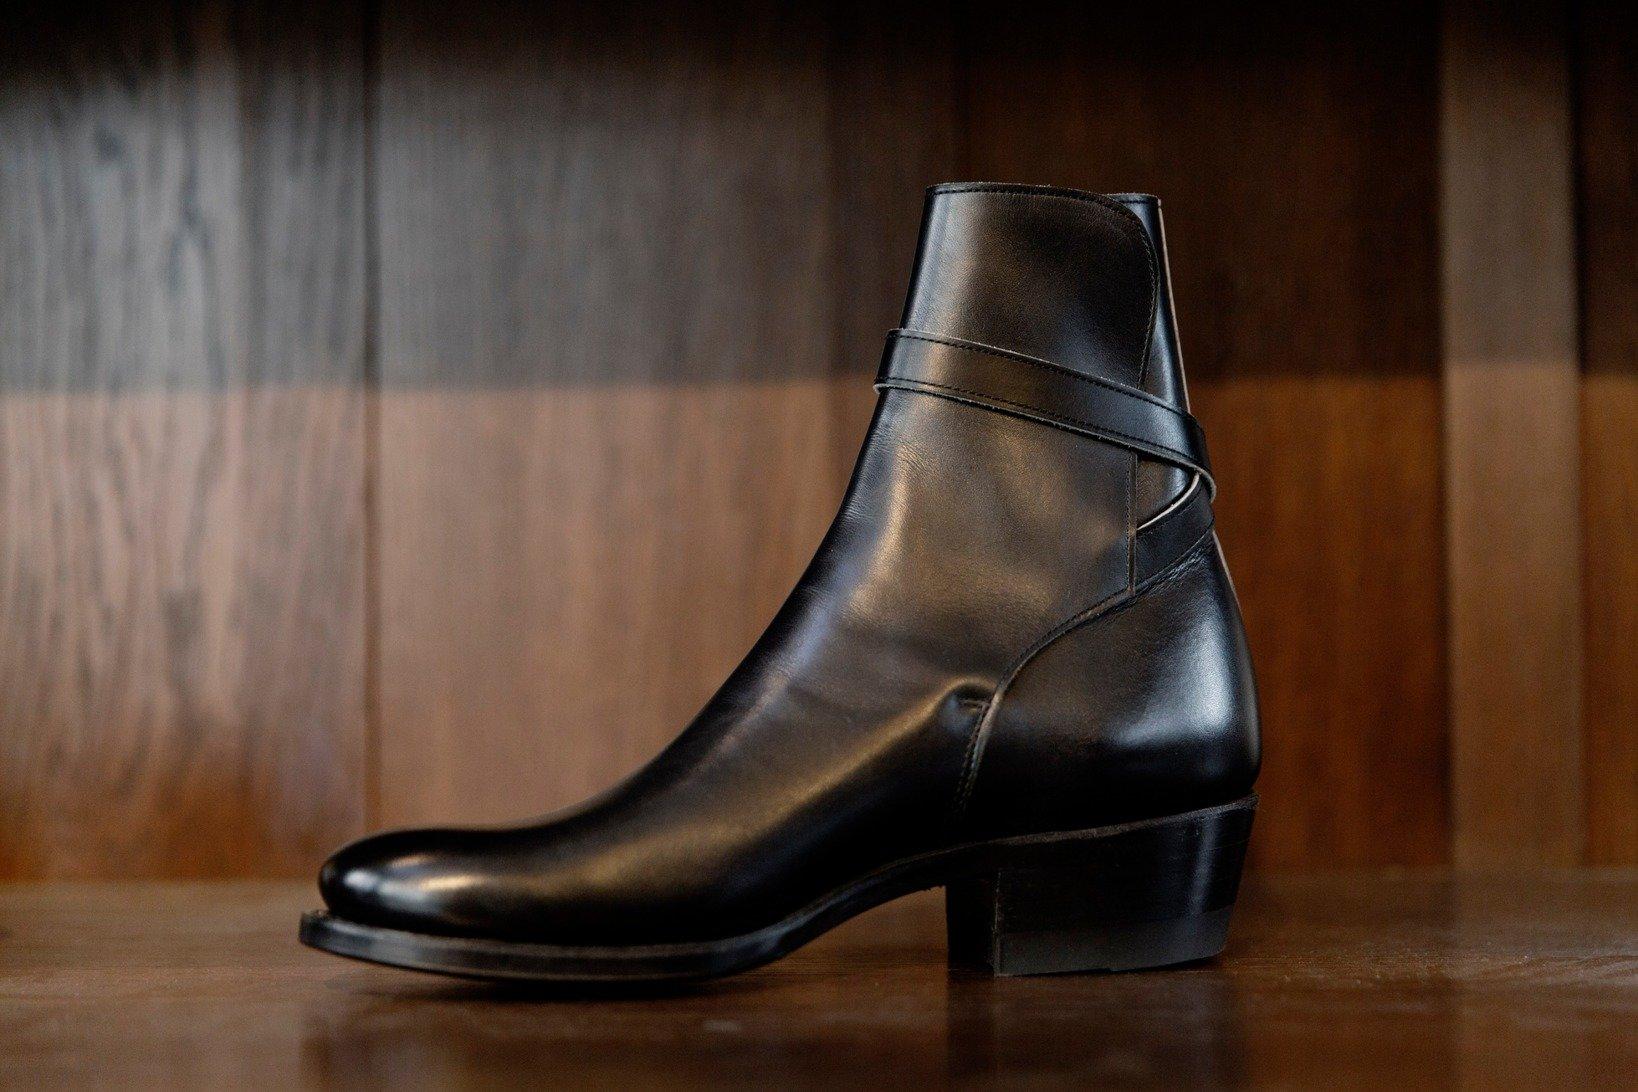 ジョッパーブーツを内くるぶし側からチェック。閂止めの位置も含めて、土踏まず部のダイナミックな造形が、履き心地・歩き心地を保証する。